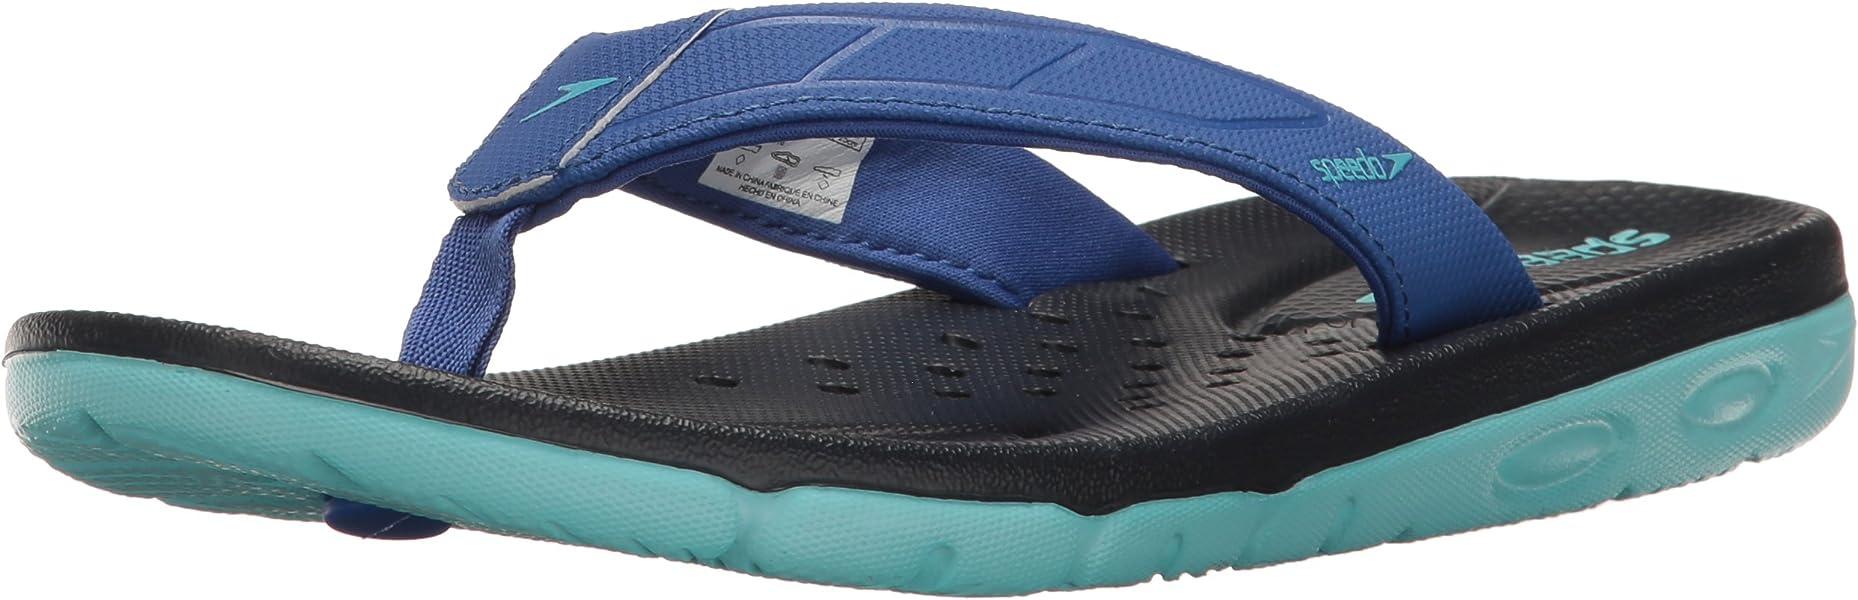 da96141cc Speedo Women s ON ON Deck FLIP Sandal Blue 5 ...